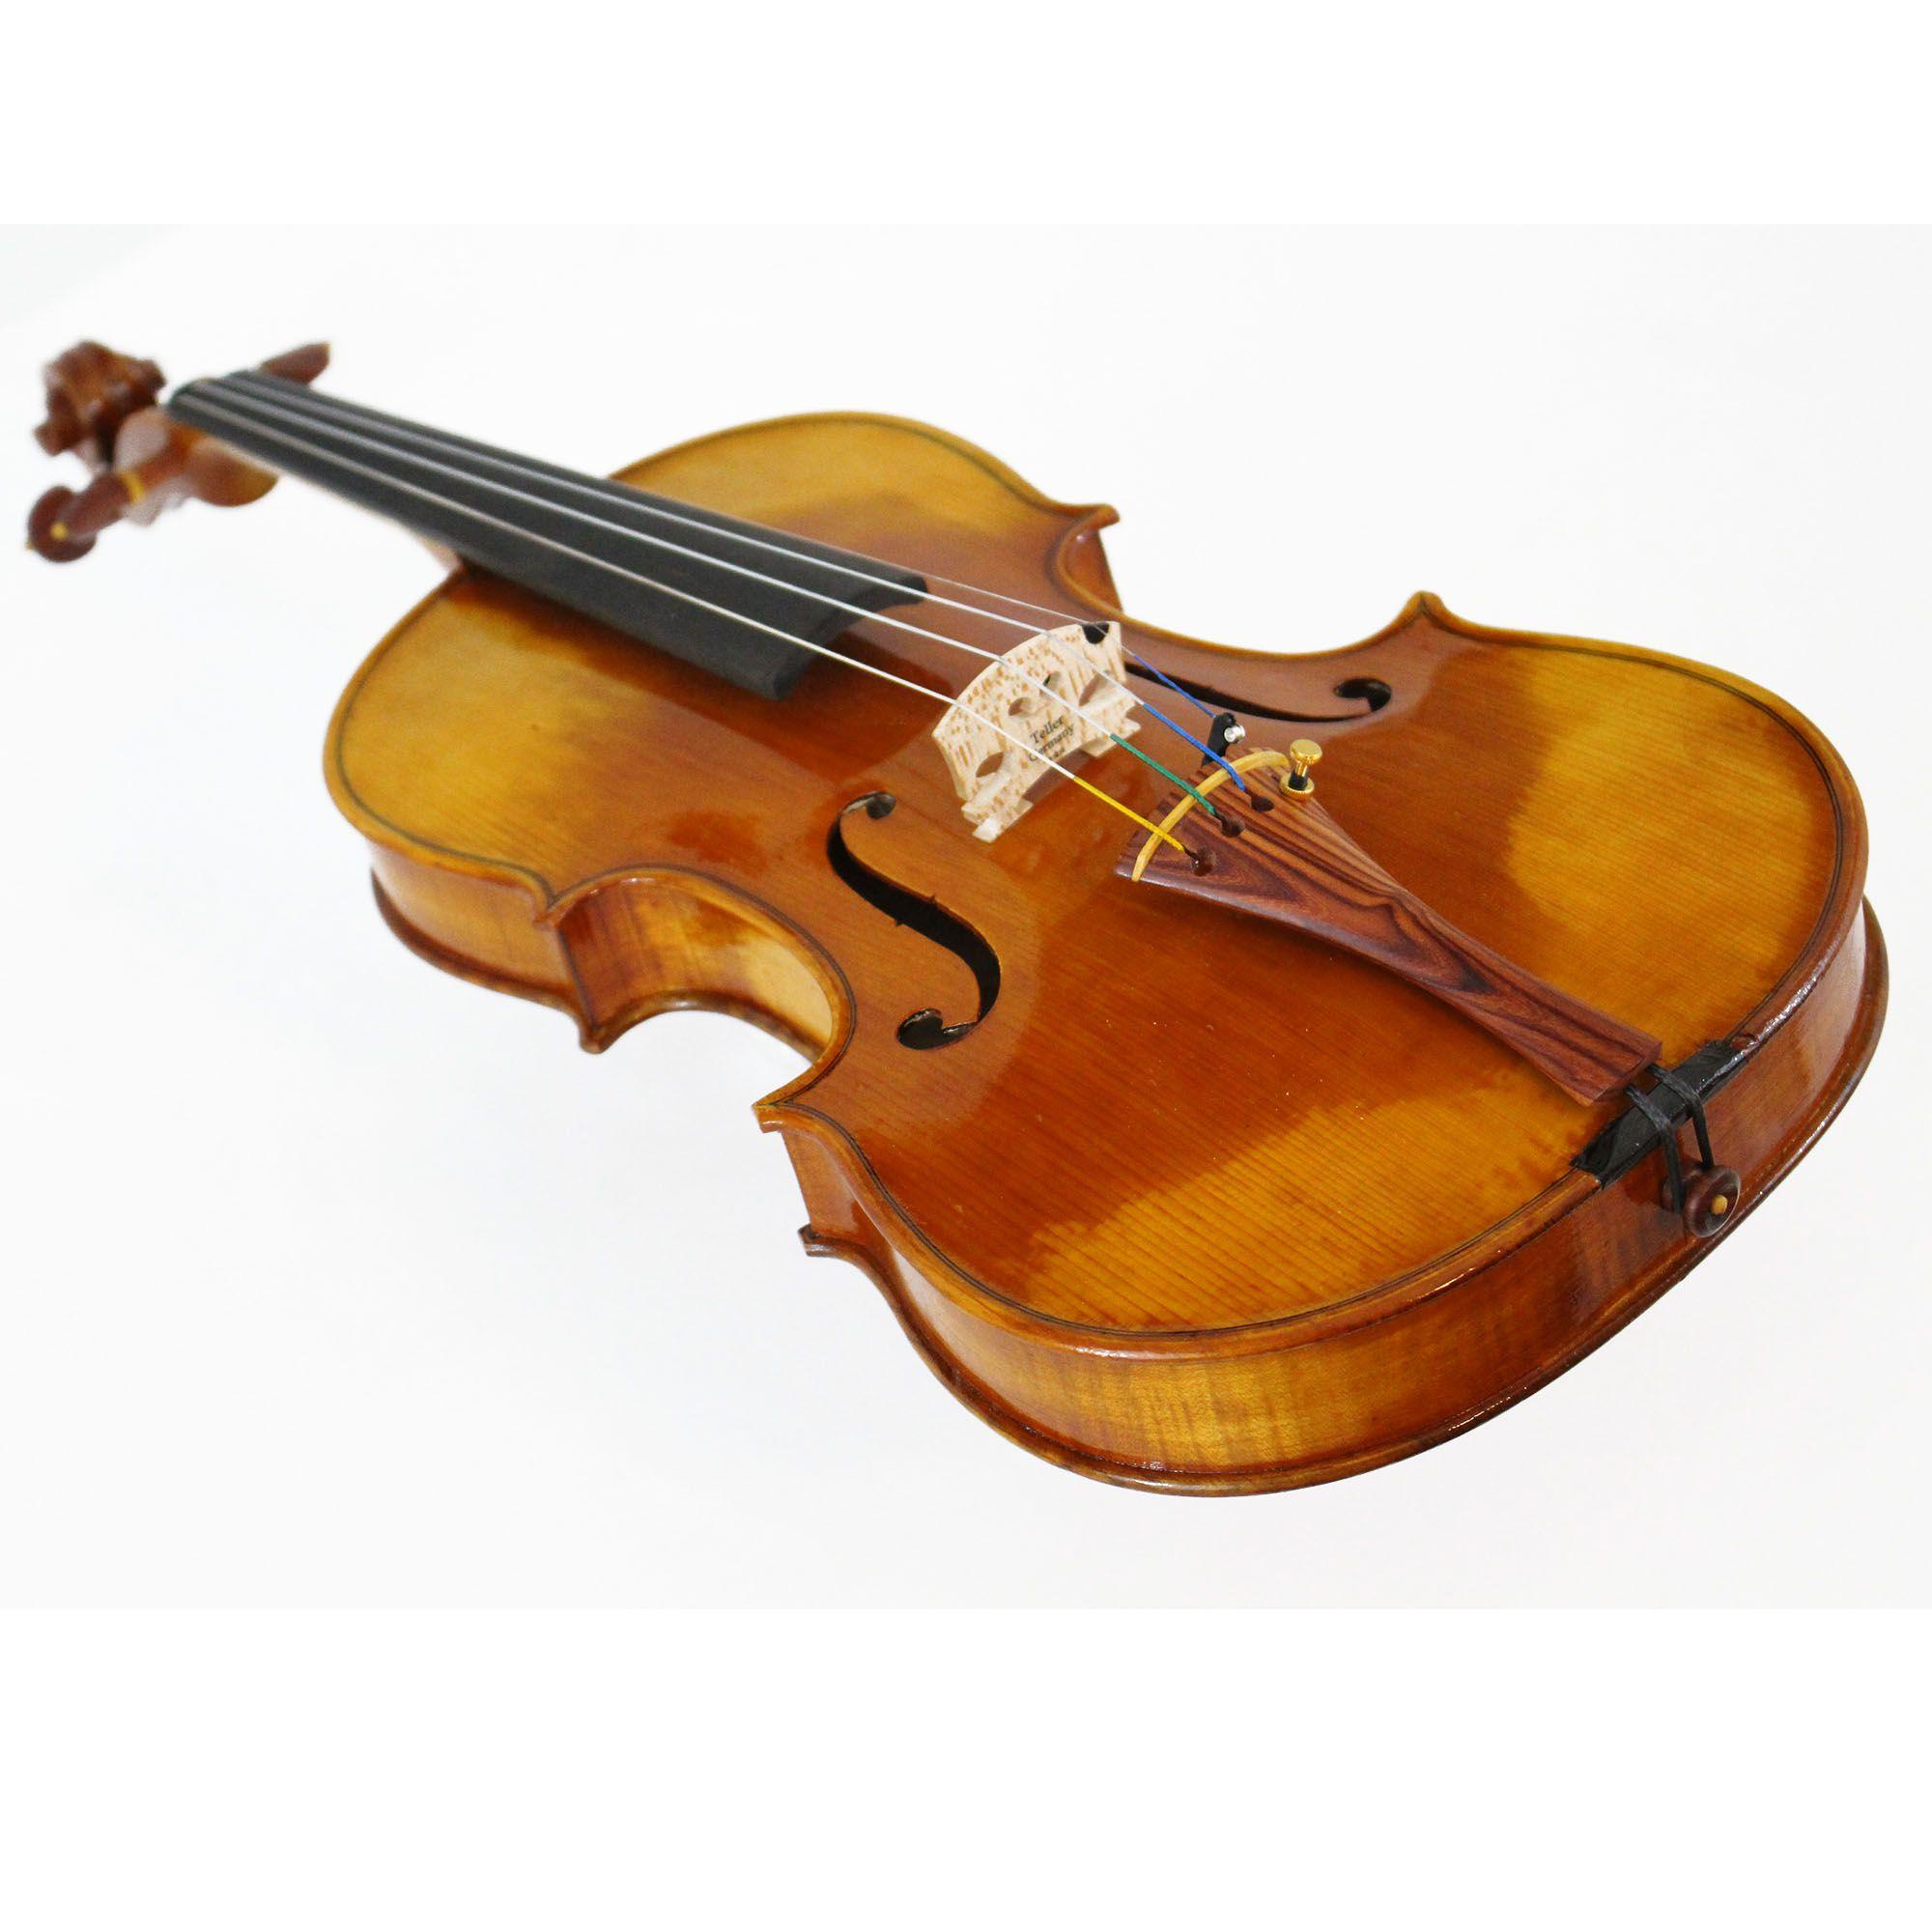 Violino feito à mão modelo strad 4/4 verniz goma laca castanho envelhecido